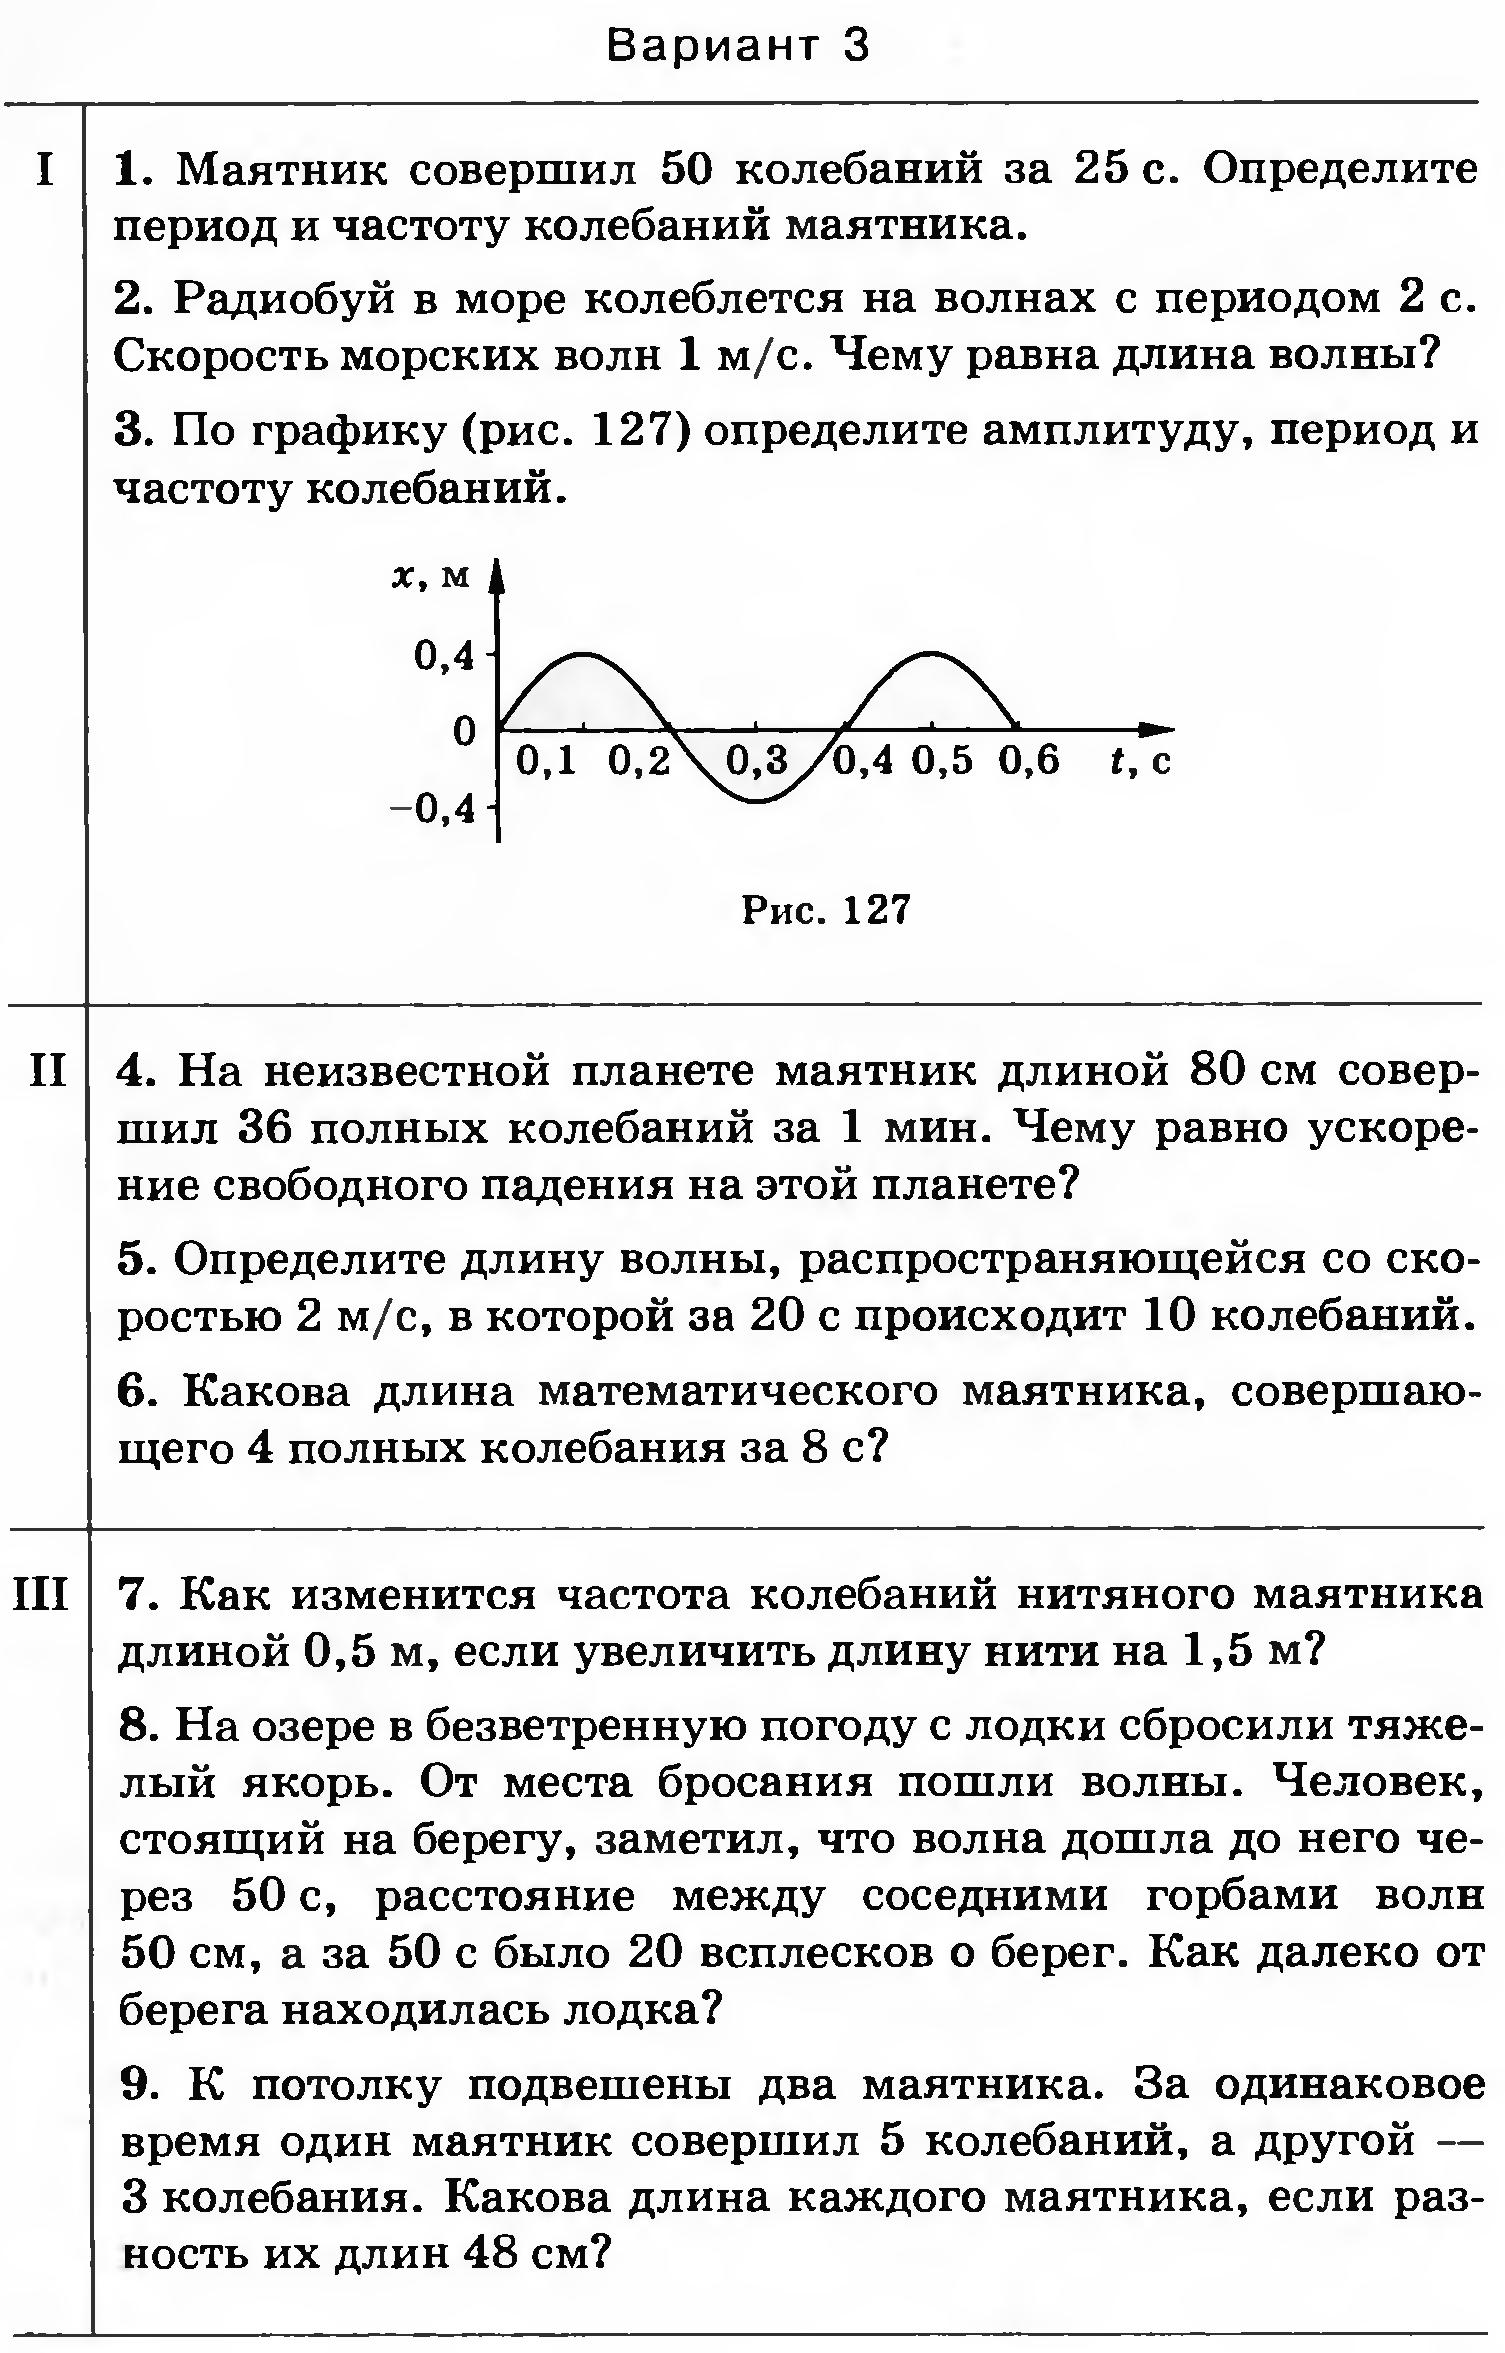 Контрольная работа Механические колебания и волны  hello html 21c46916 png hello html m1f1863f5 png hello html m51ebbd05 png